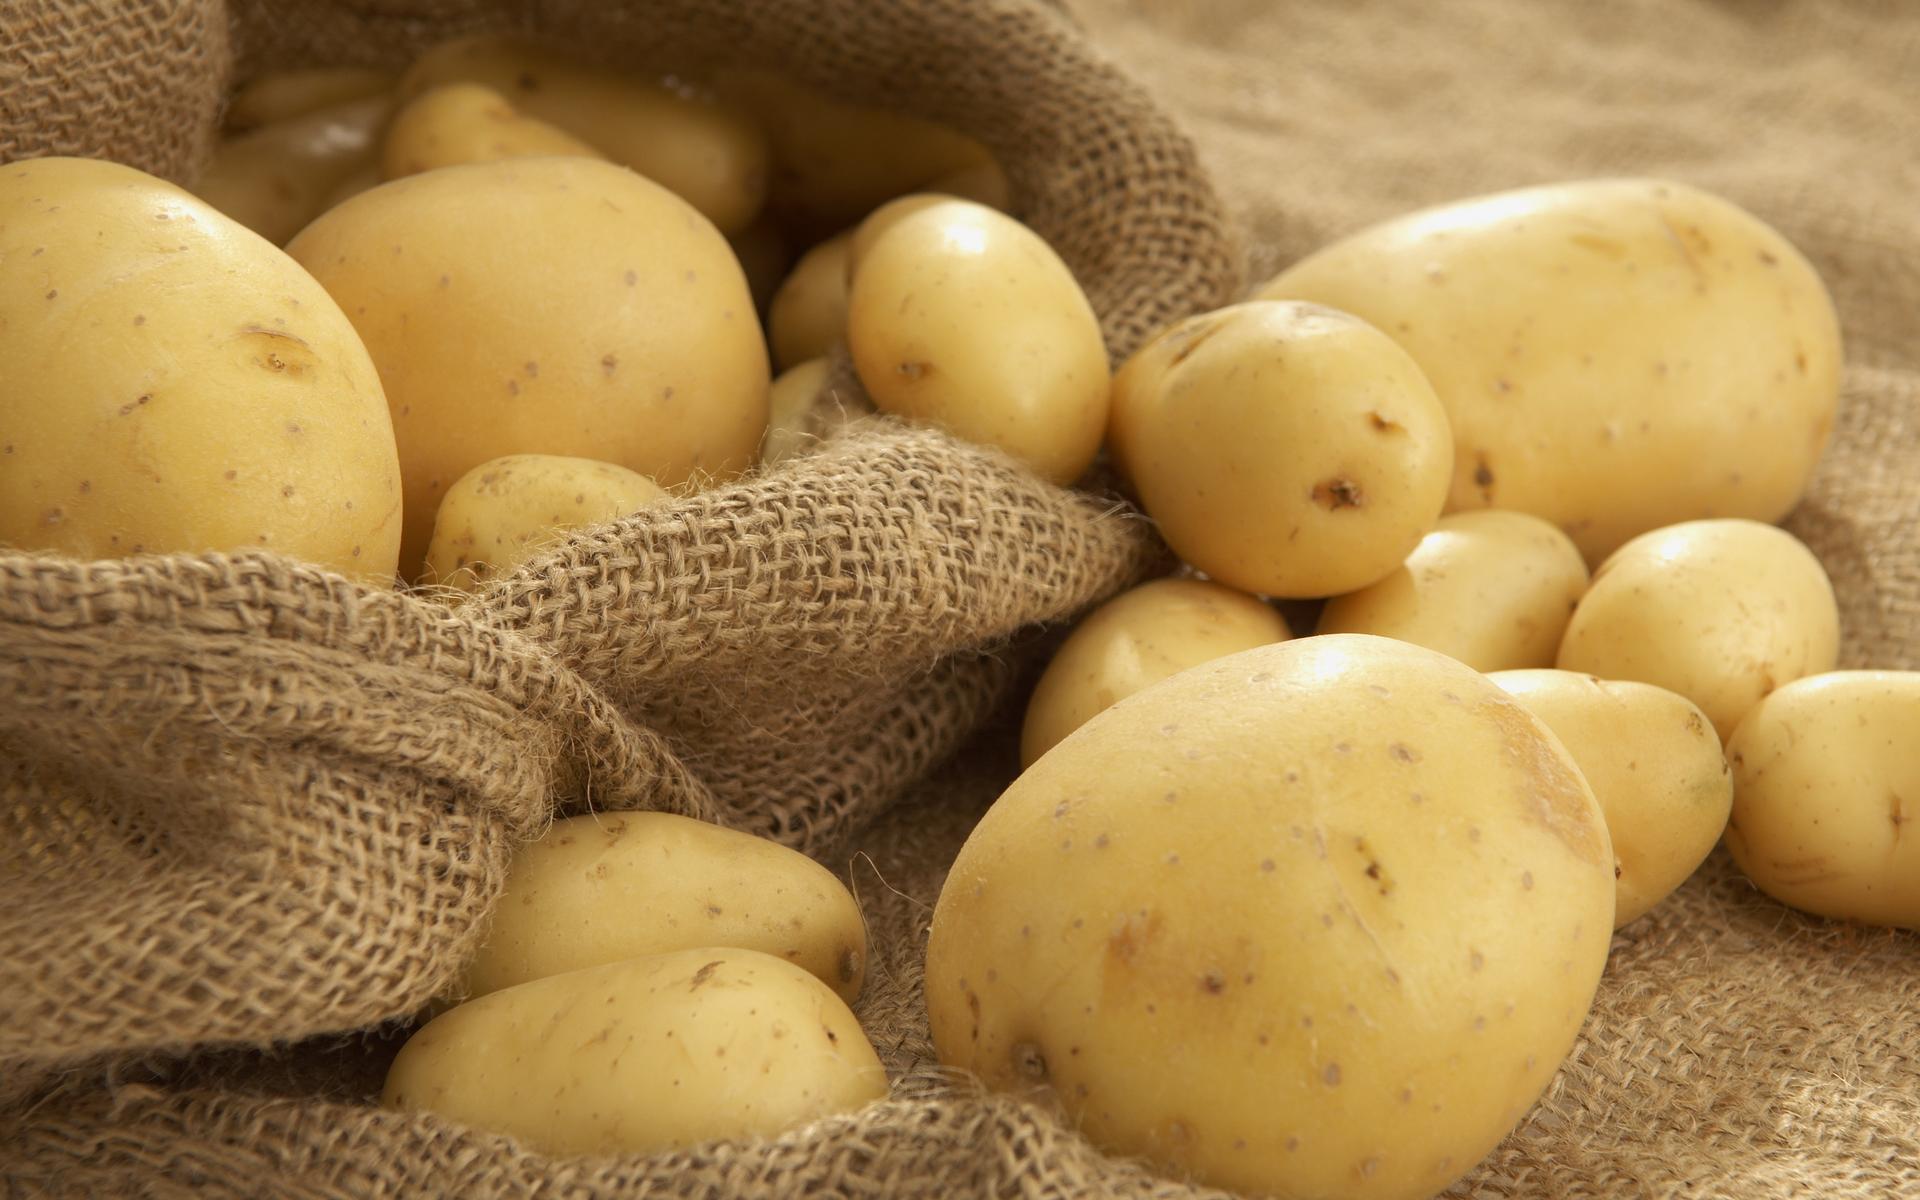 Более 55 тонн картофеля и дынь из Казахстана не пропустил Россельхознадзор